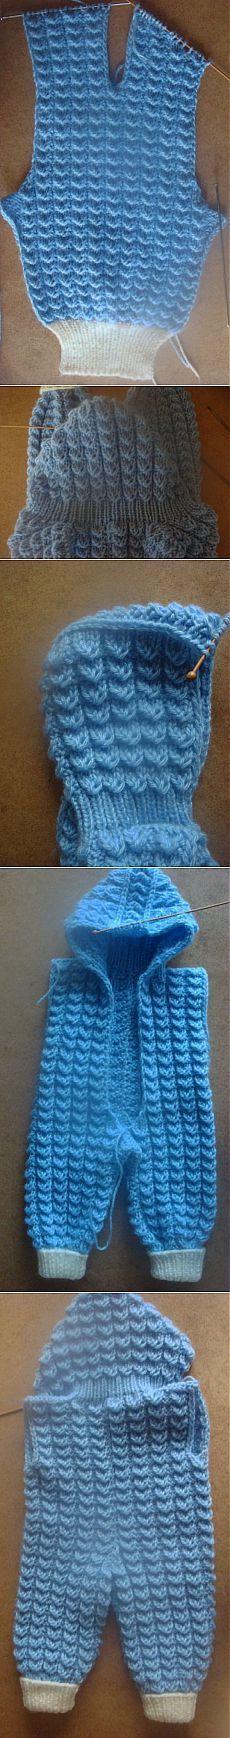 Вяжем комбинезон для малыша спицами - МК   Вязание крючком и спицами